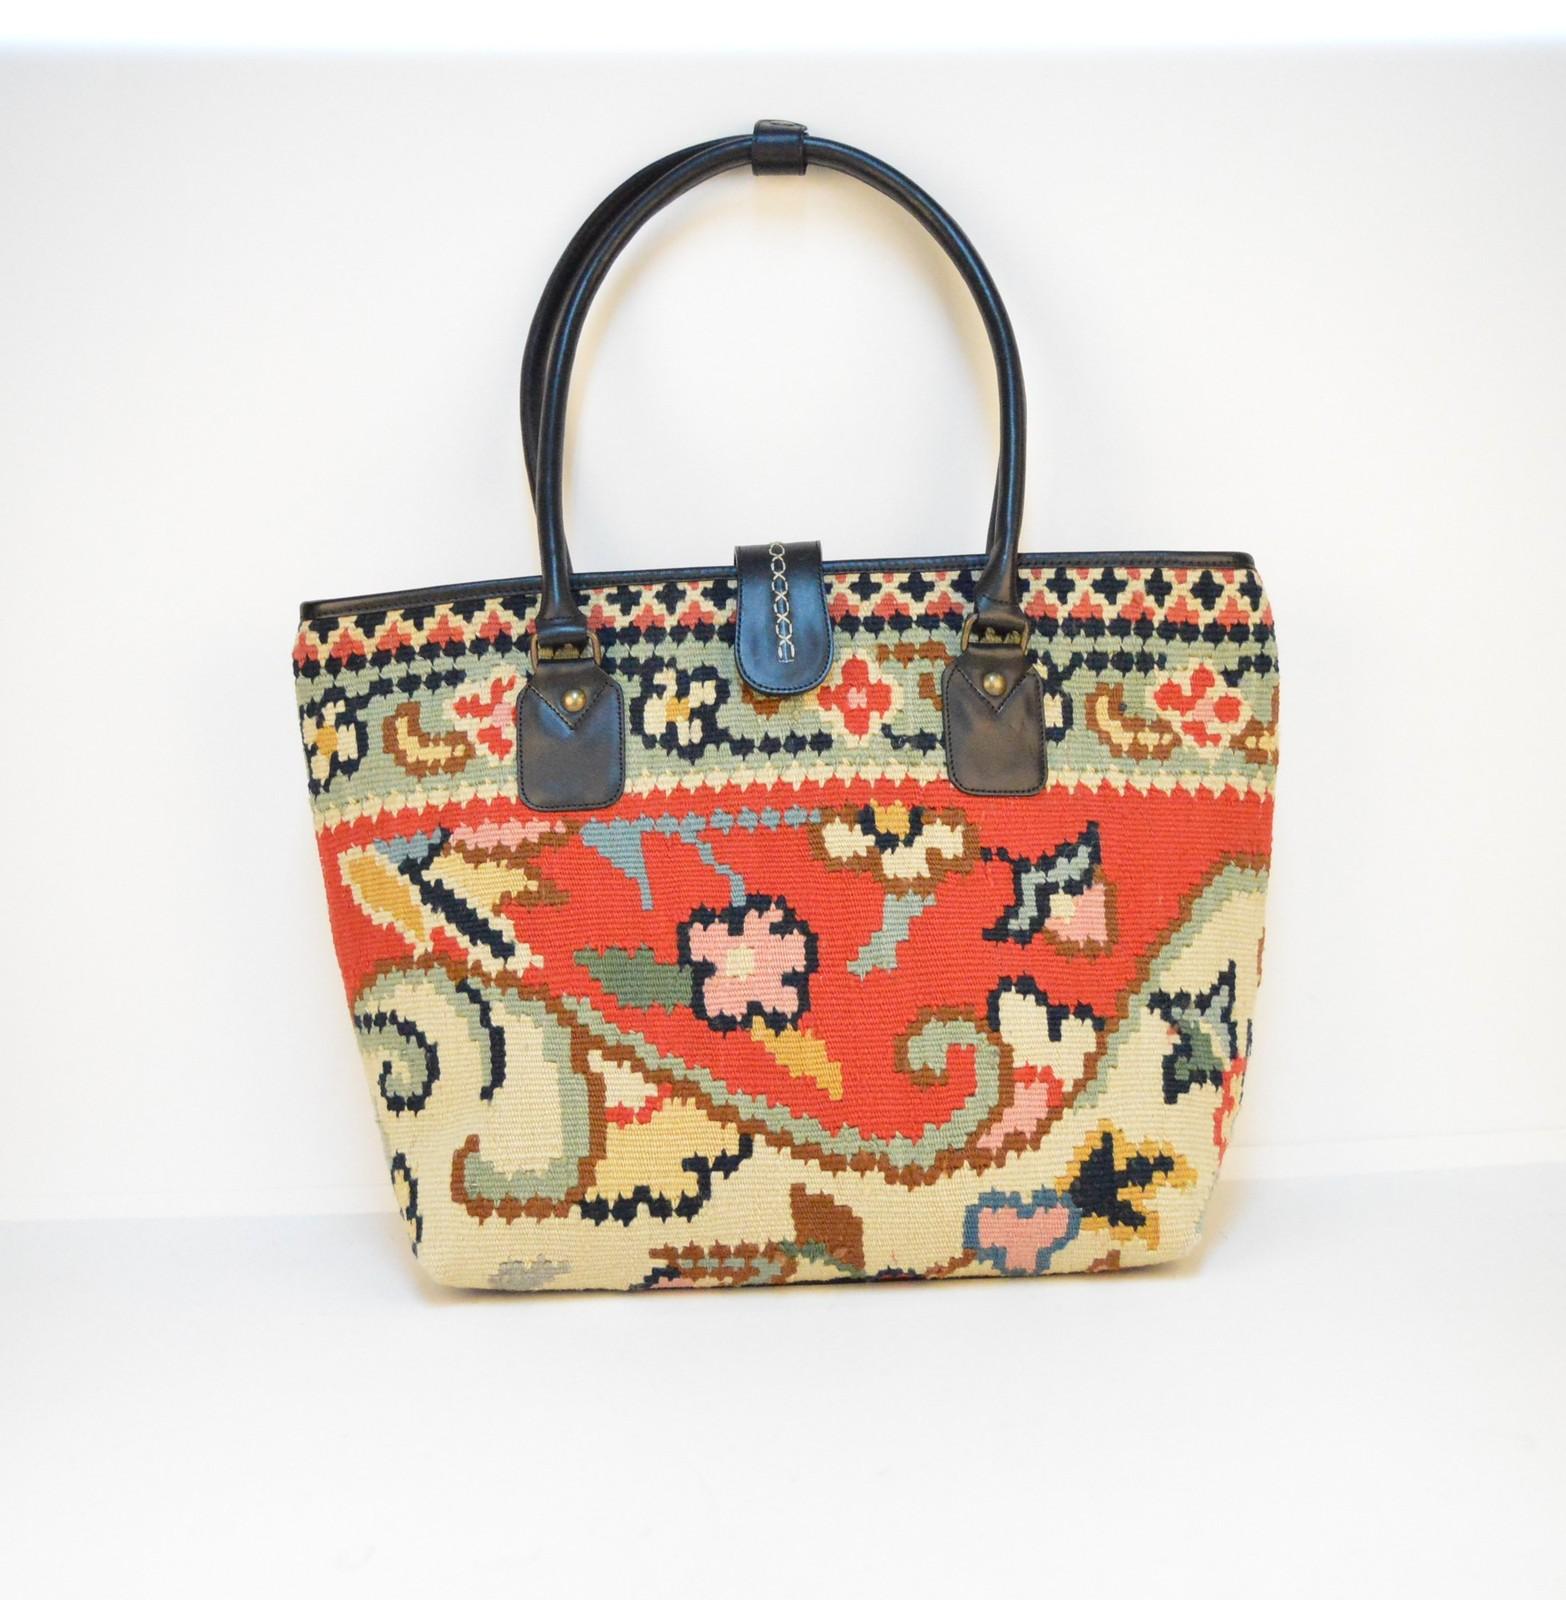 HAND BAG Kilim Bags black Leather Handbag, Shoulder Bag leather rug hand bags - $240.00